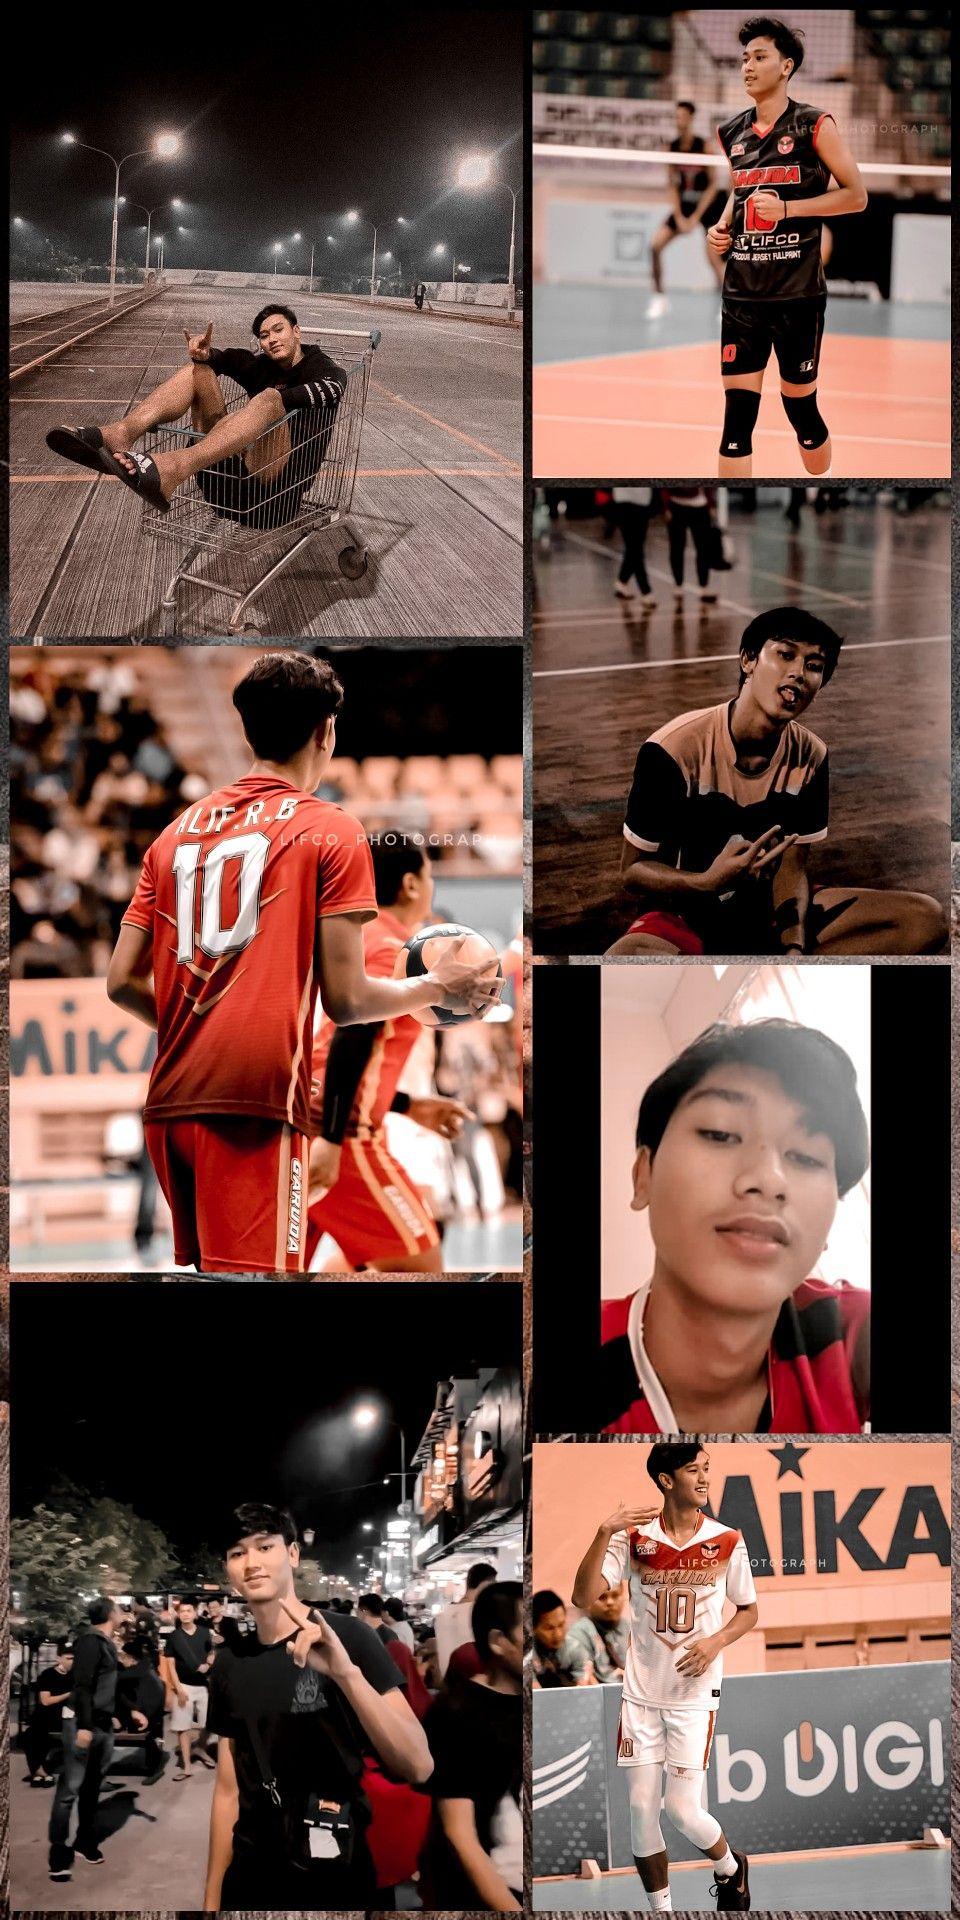 Download Alif Rajab Burrahman Fotografi Remaja Fotografi Fotografi Perjalanan